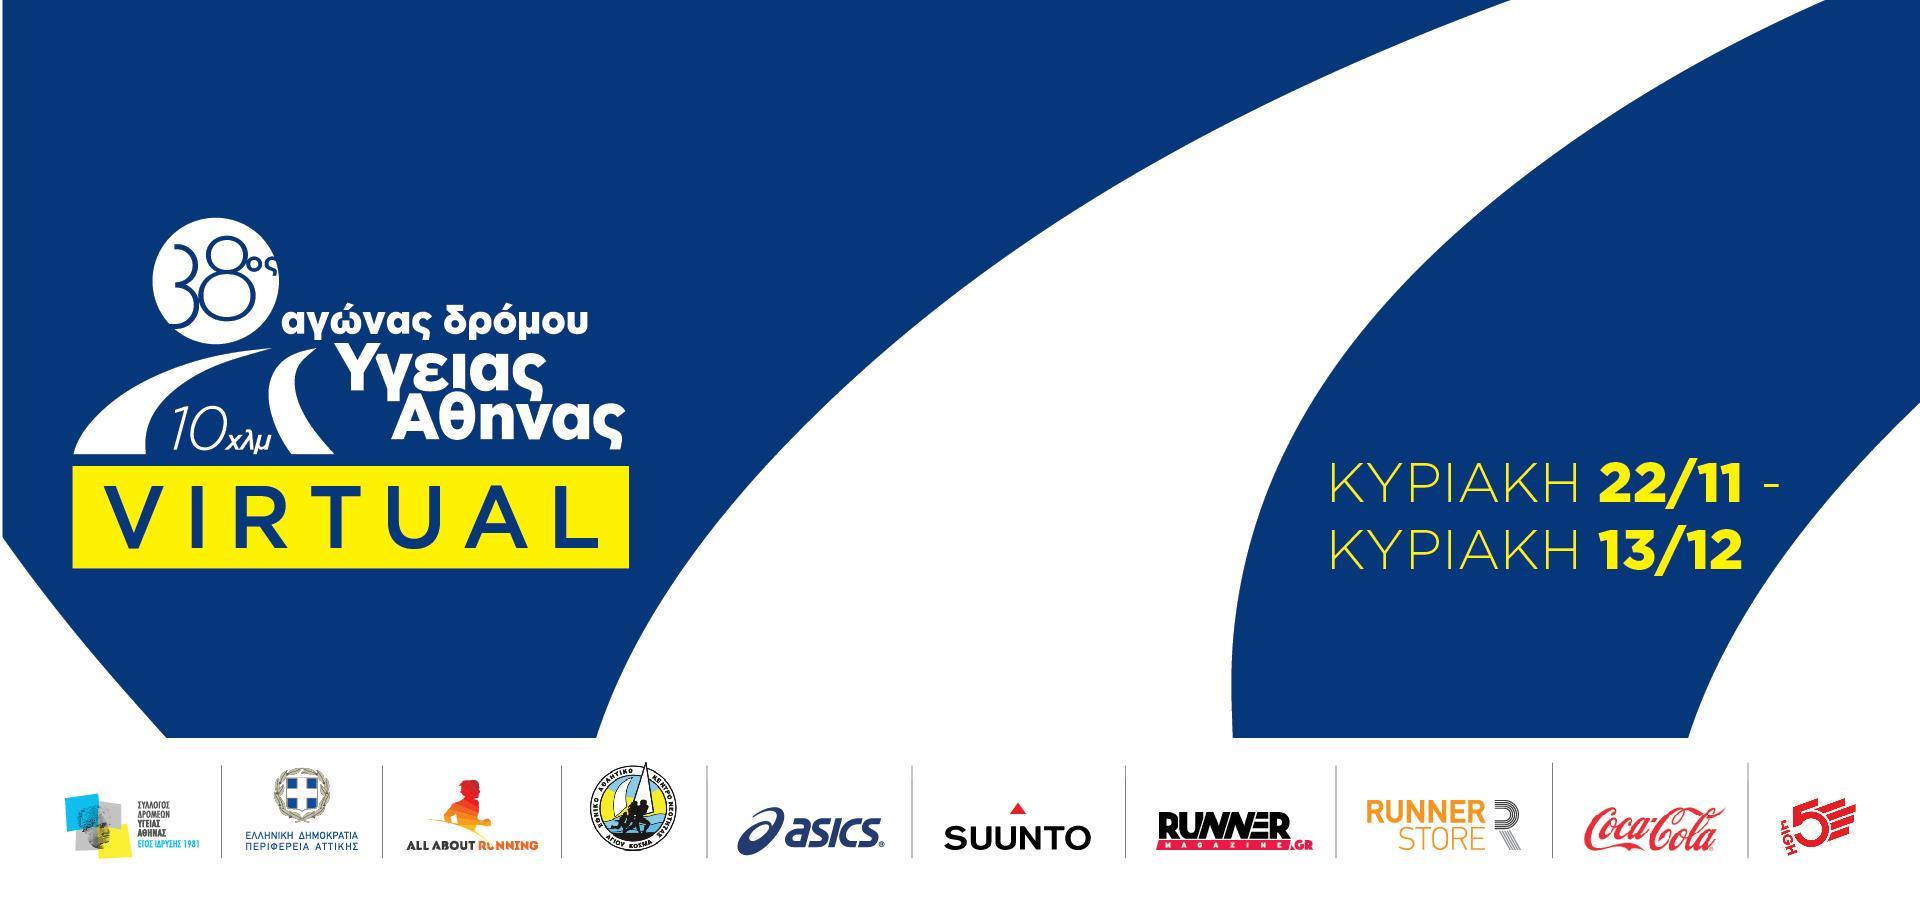 Virtual 38ος Αγώνας Δρόμου Υγείας Αθήνας 10 χλμ